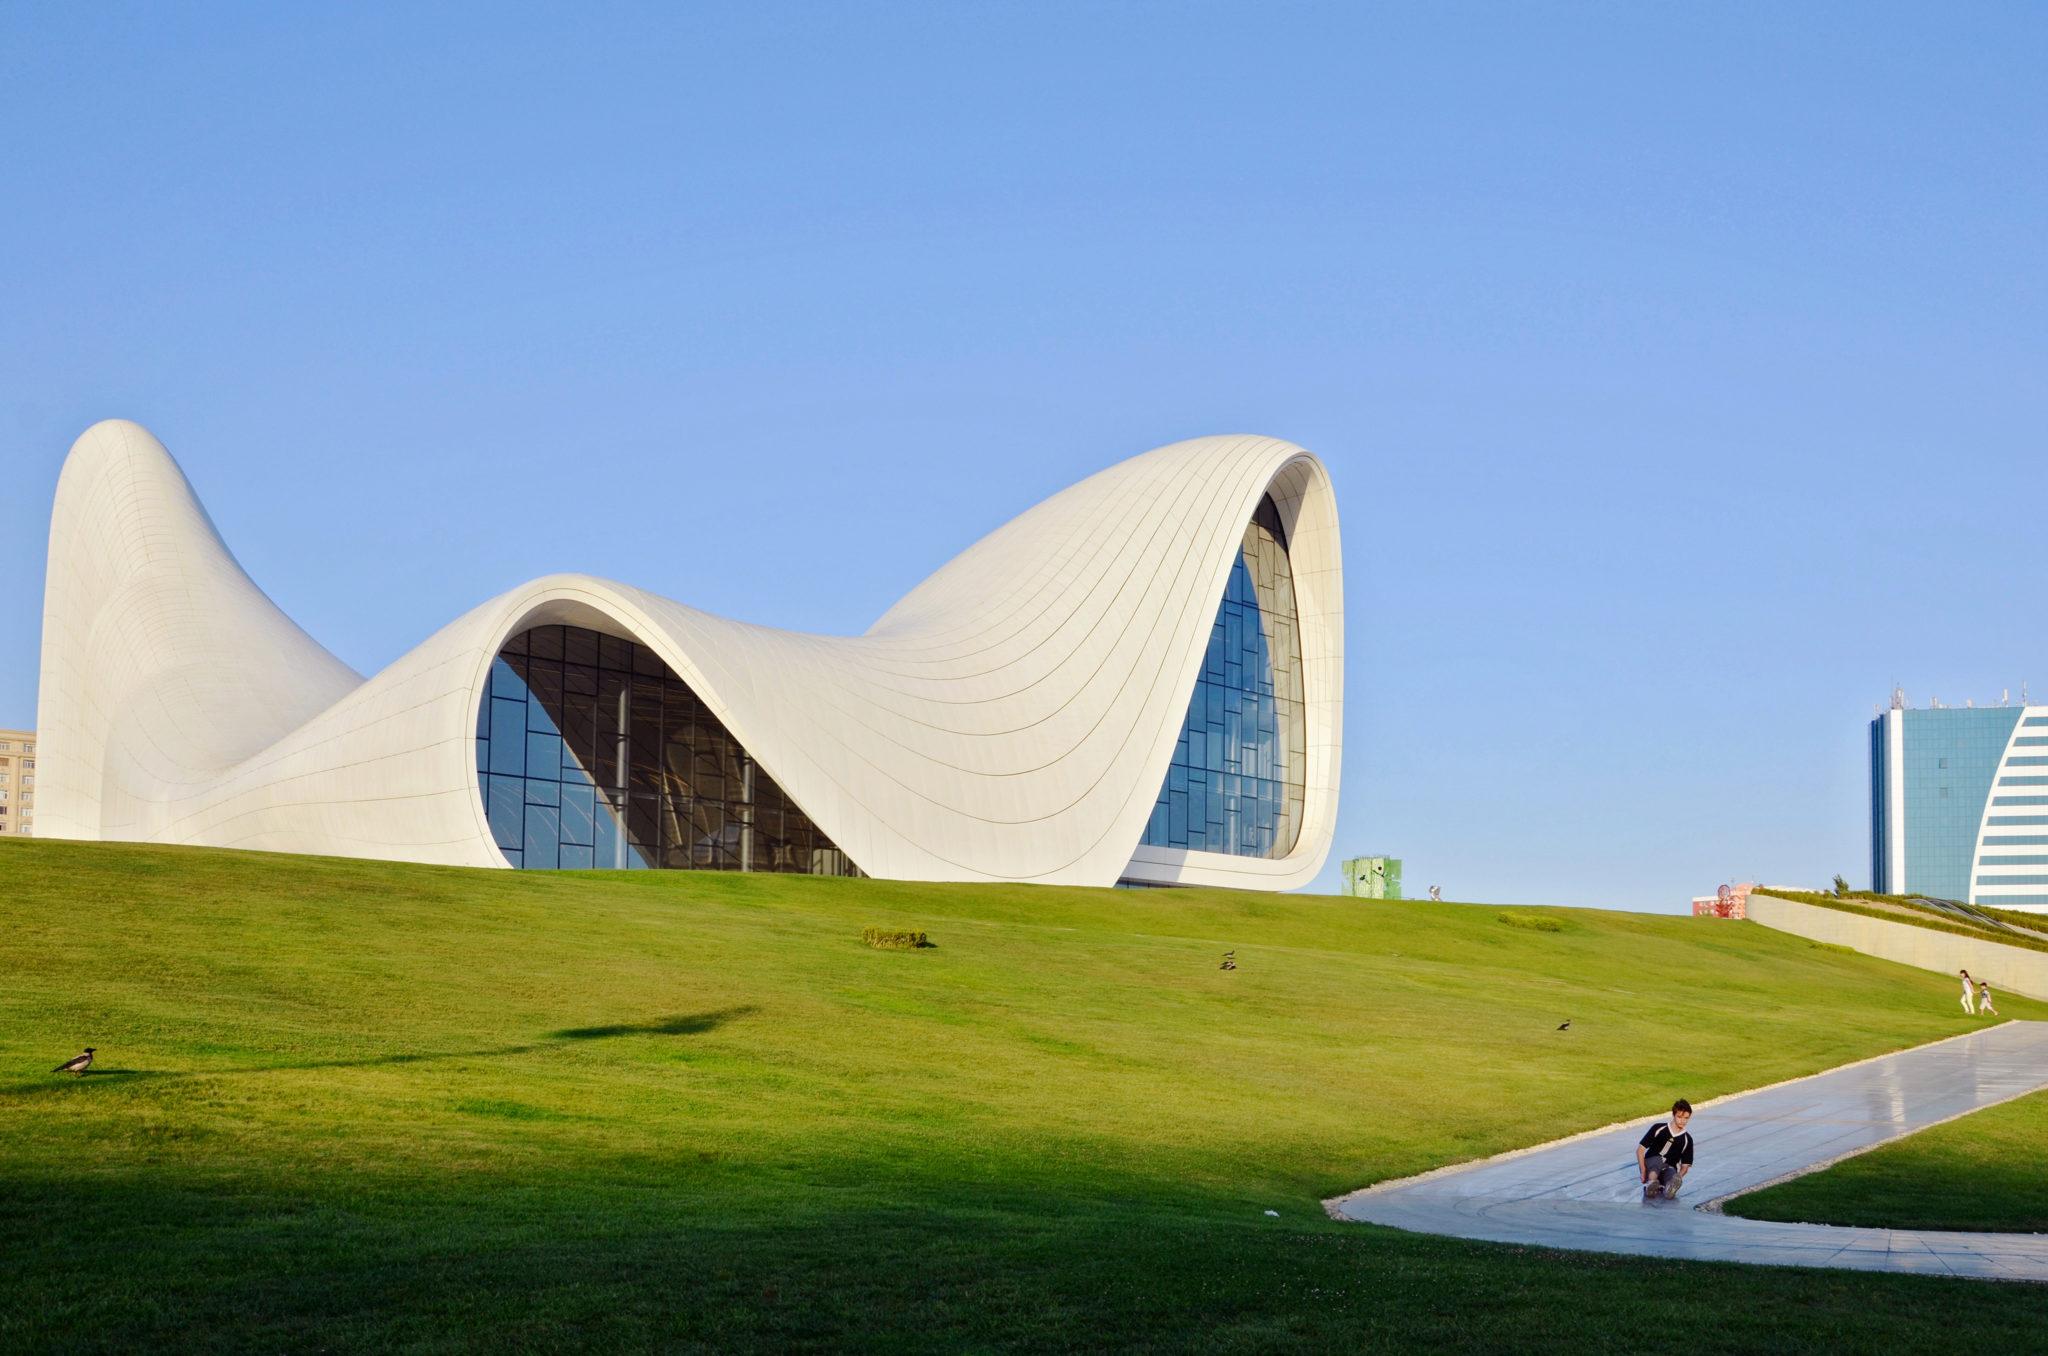 Aserbaidschan-Reisetipps-Heydar-Aliyev-Center-Zaha-Hadid